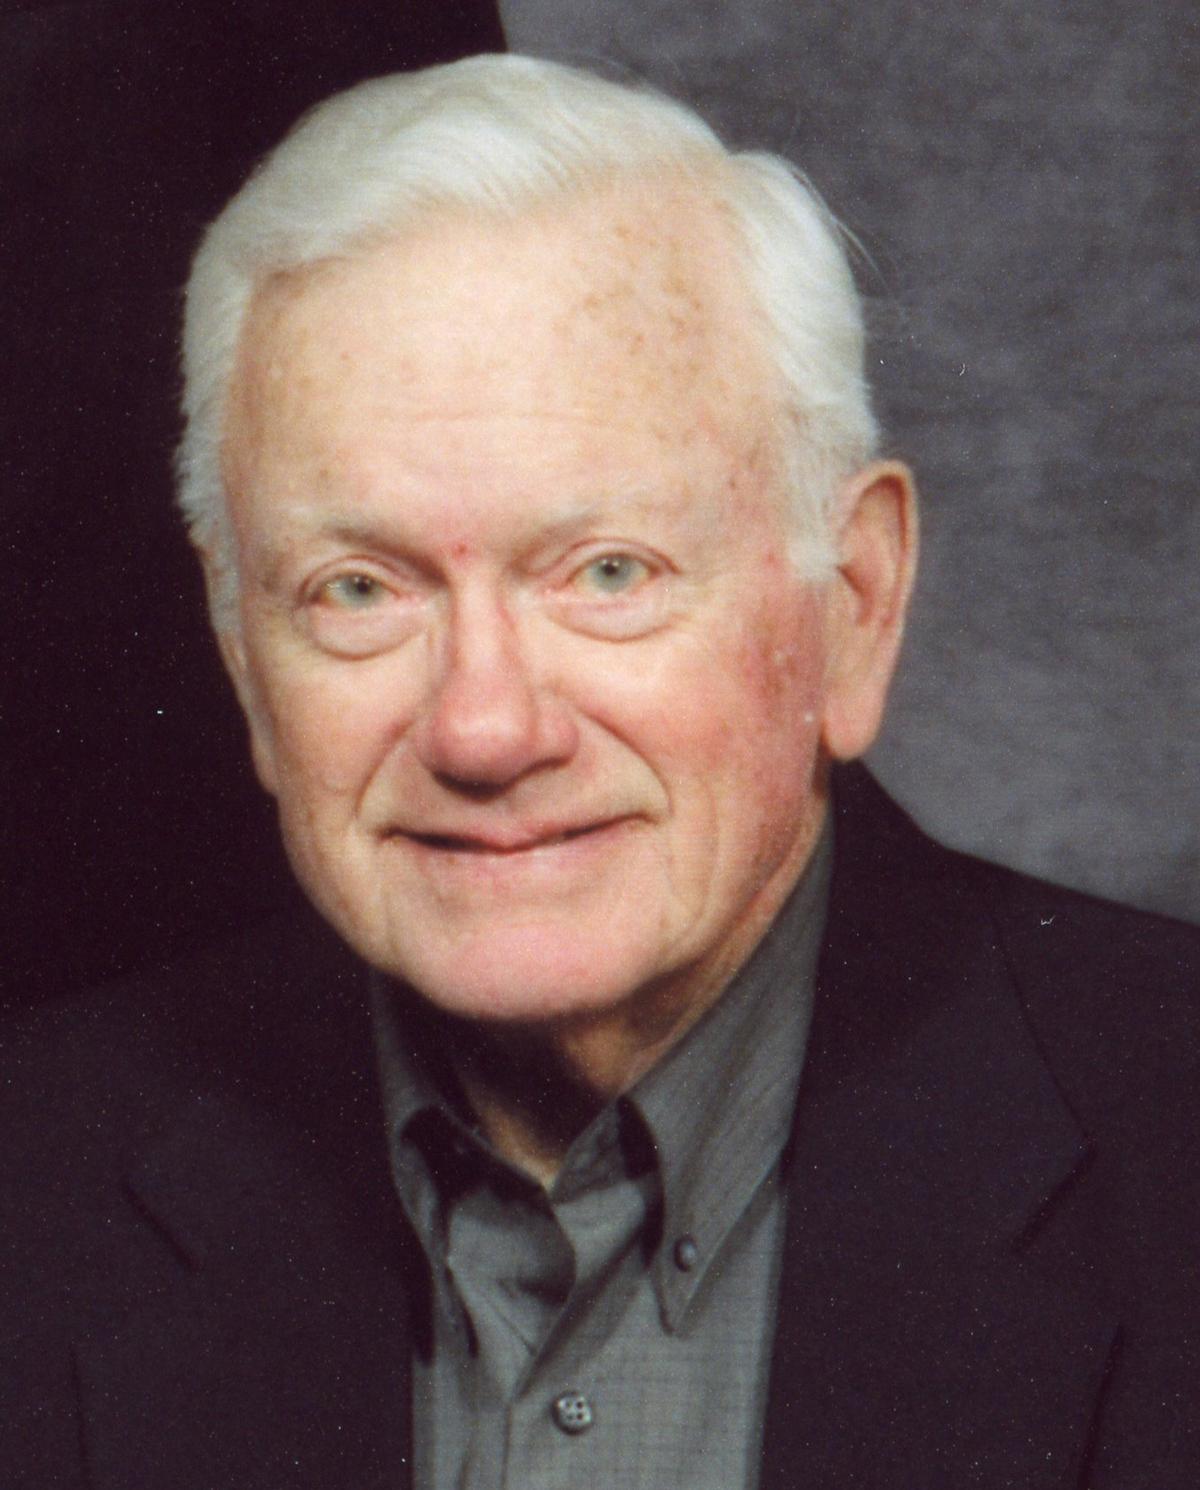 Dennis Schneider